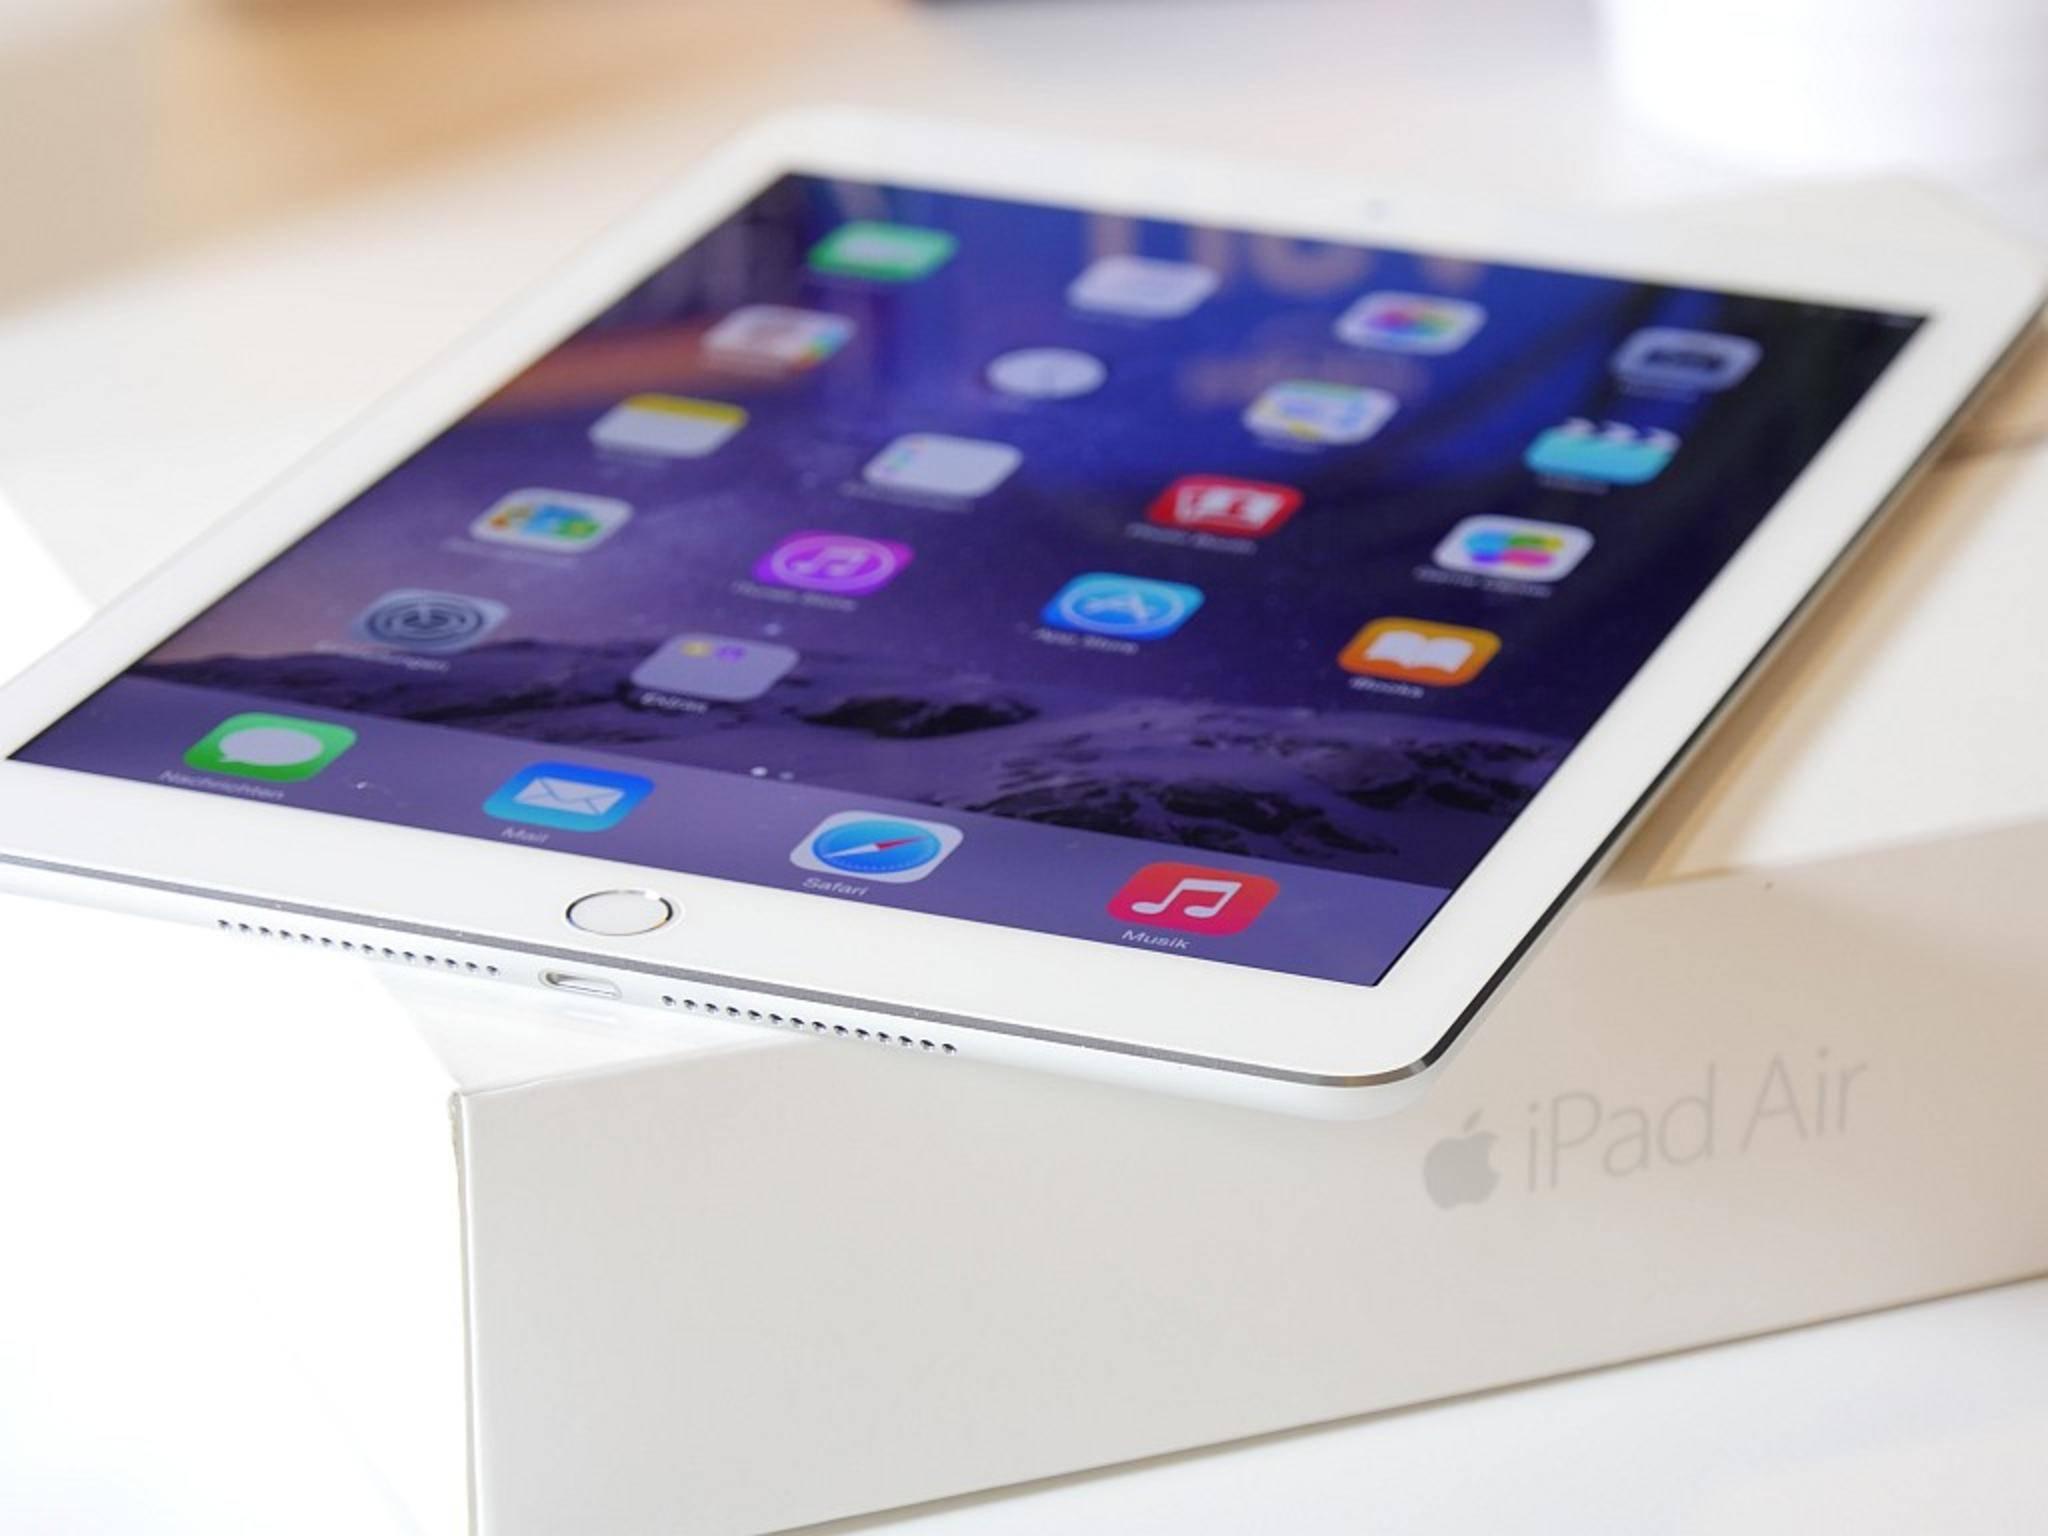 Das iPad Air 2 ist aktuell eines der besten Tablets auf dem Markt.